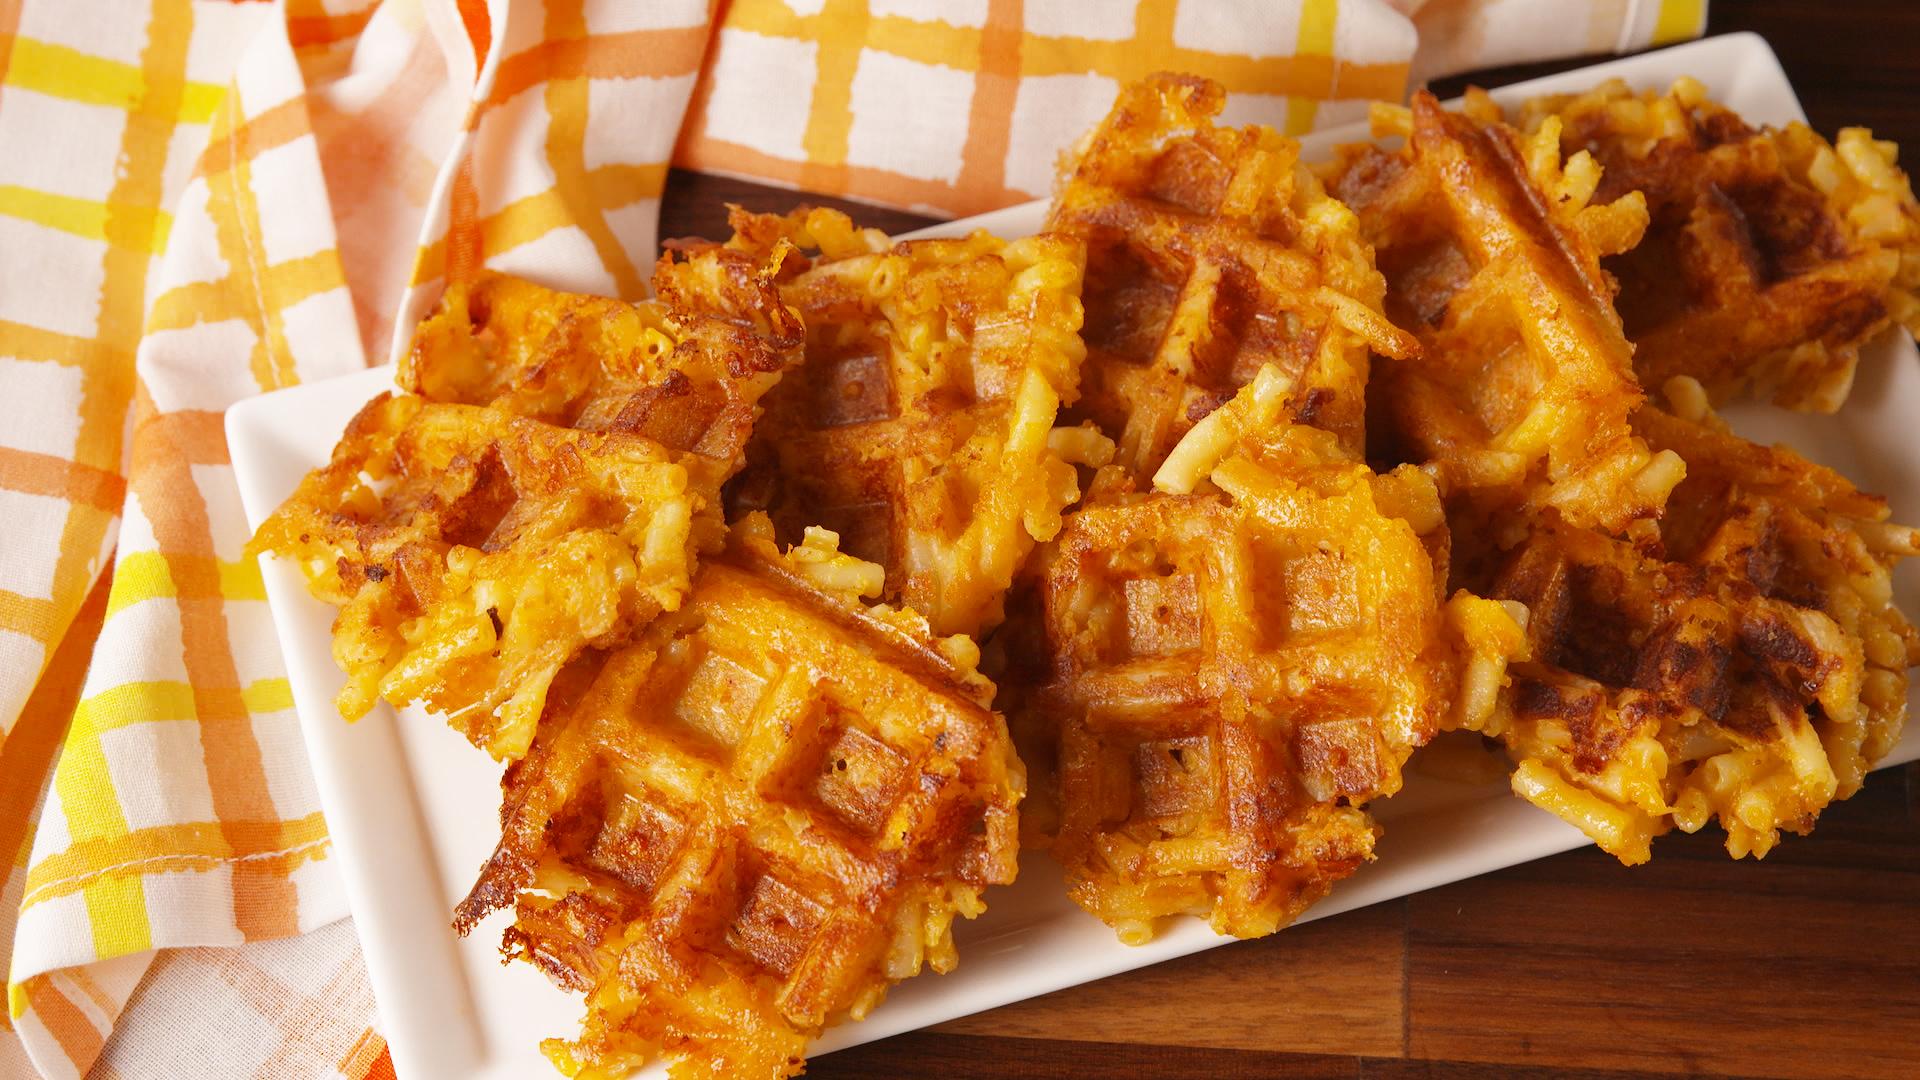 Mac 'N Cheese Waffles